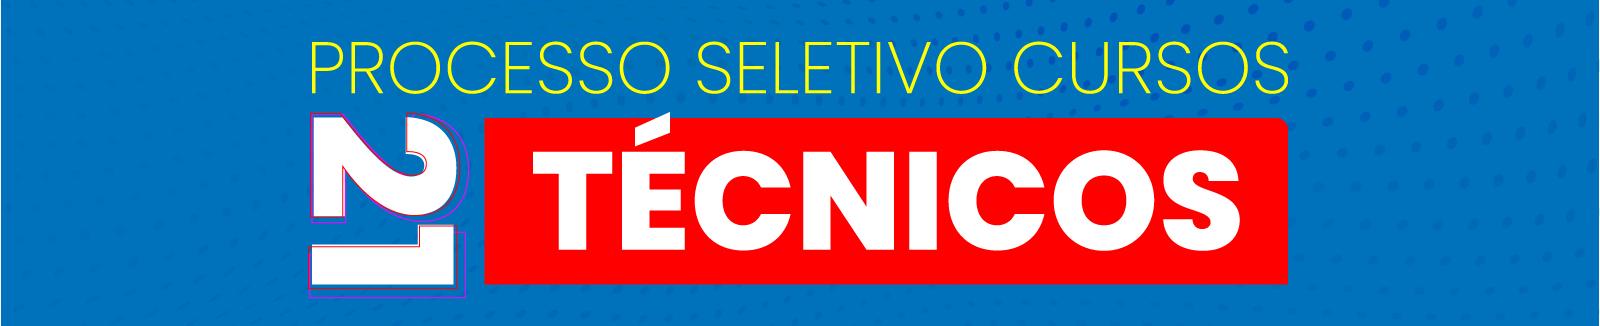 Processo Seletivo 2020-1 Cursos Técnicos Integrados ao Ensino Médio